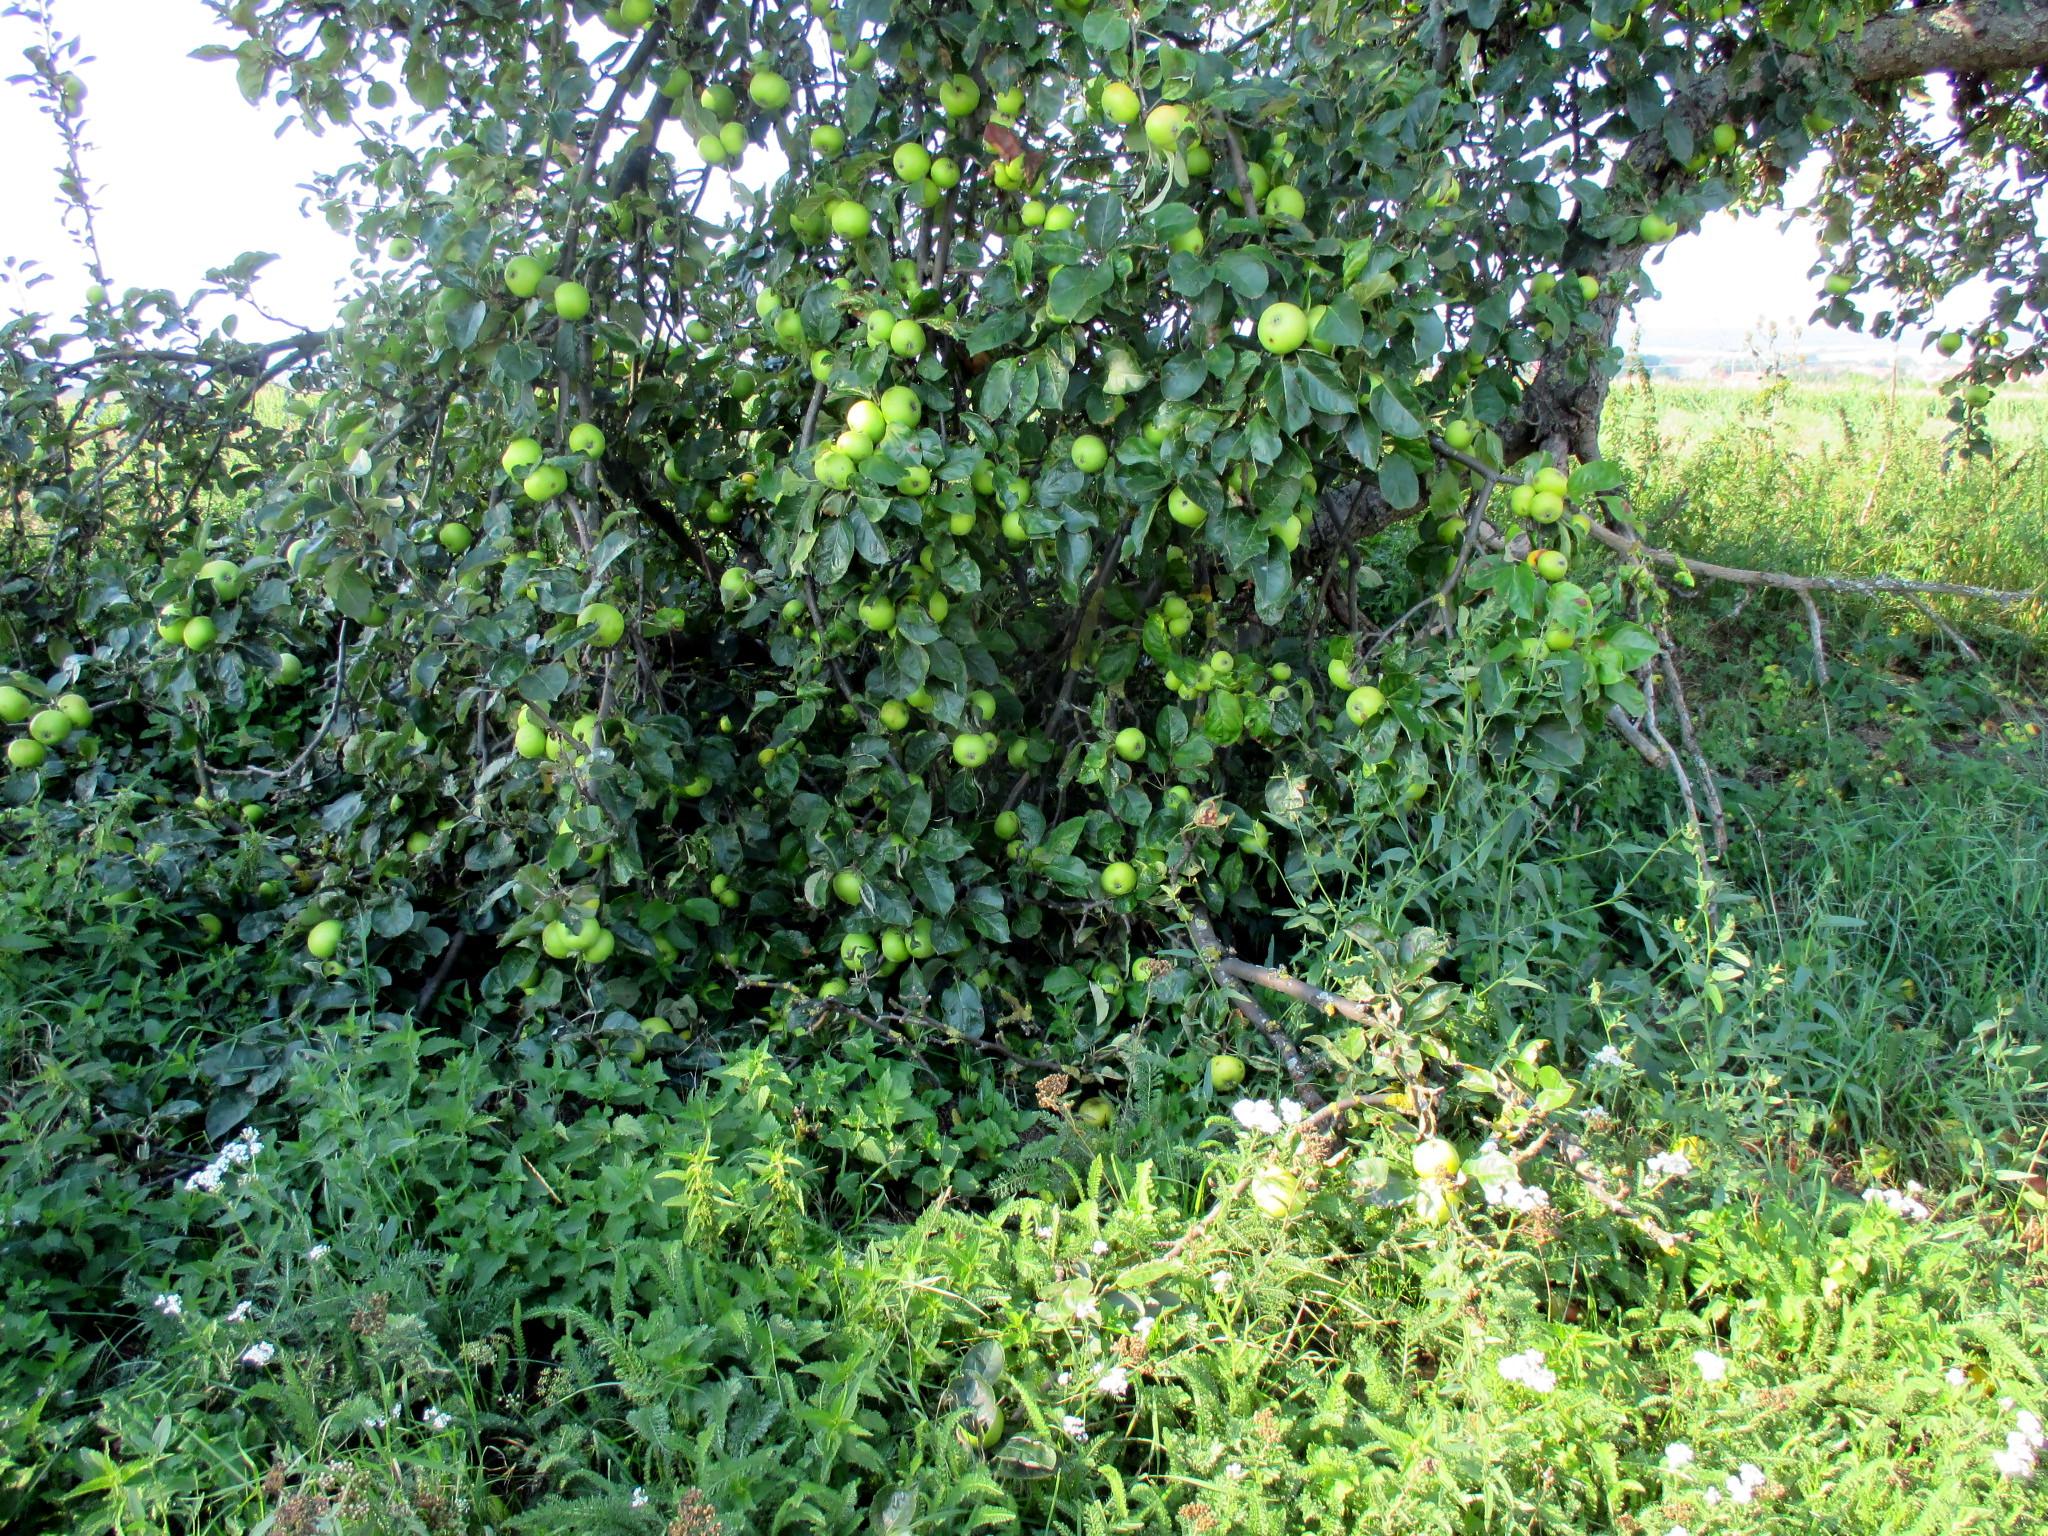 Obst am Wgwesrand -22.8.15   (6)